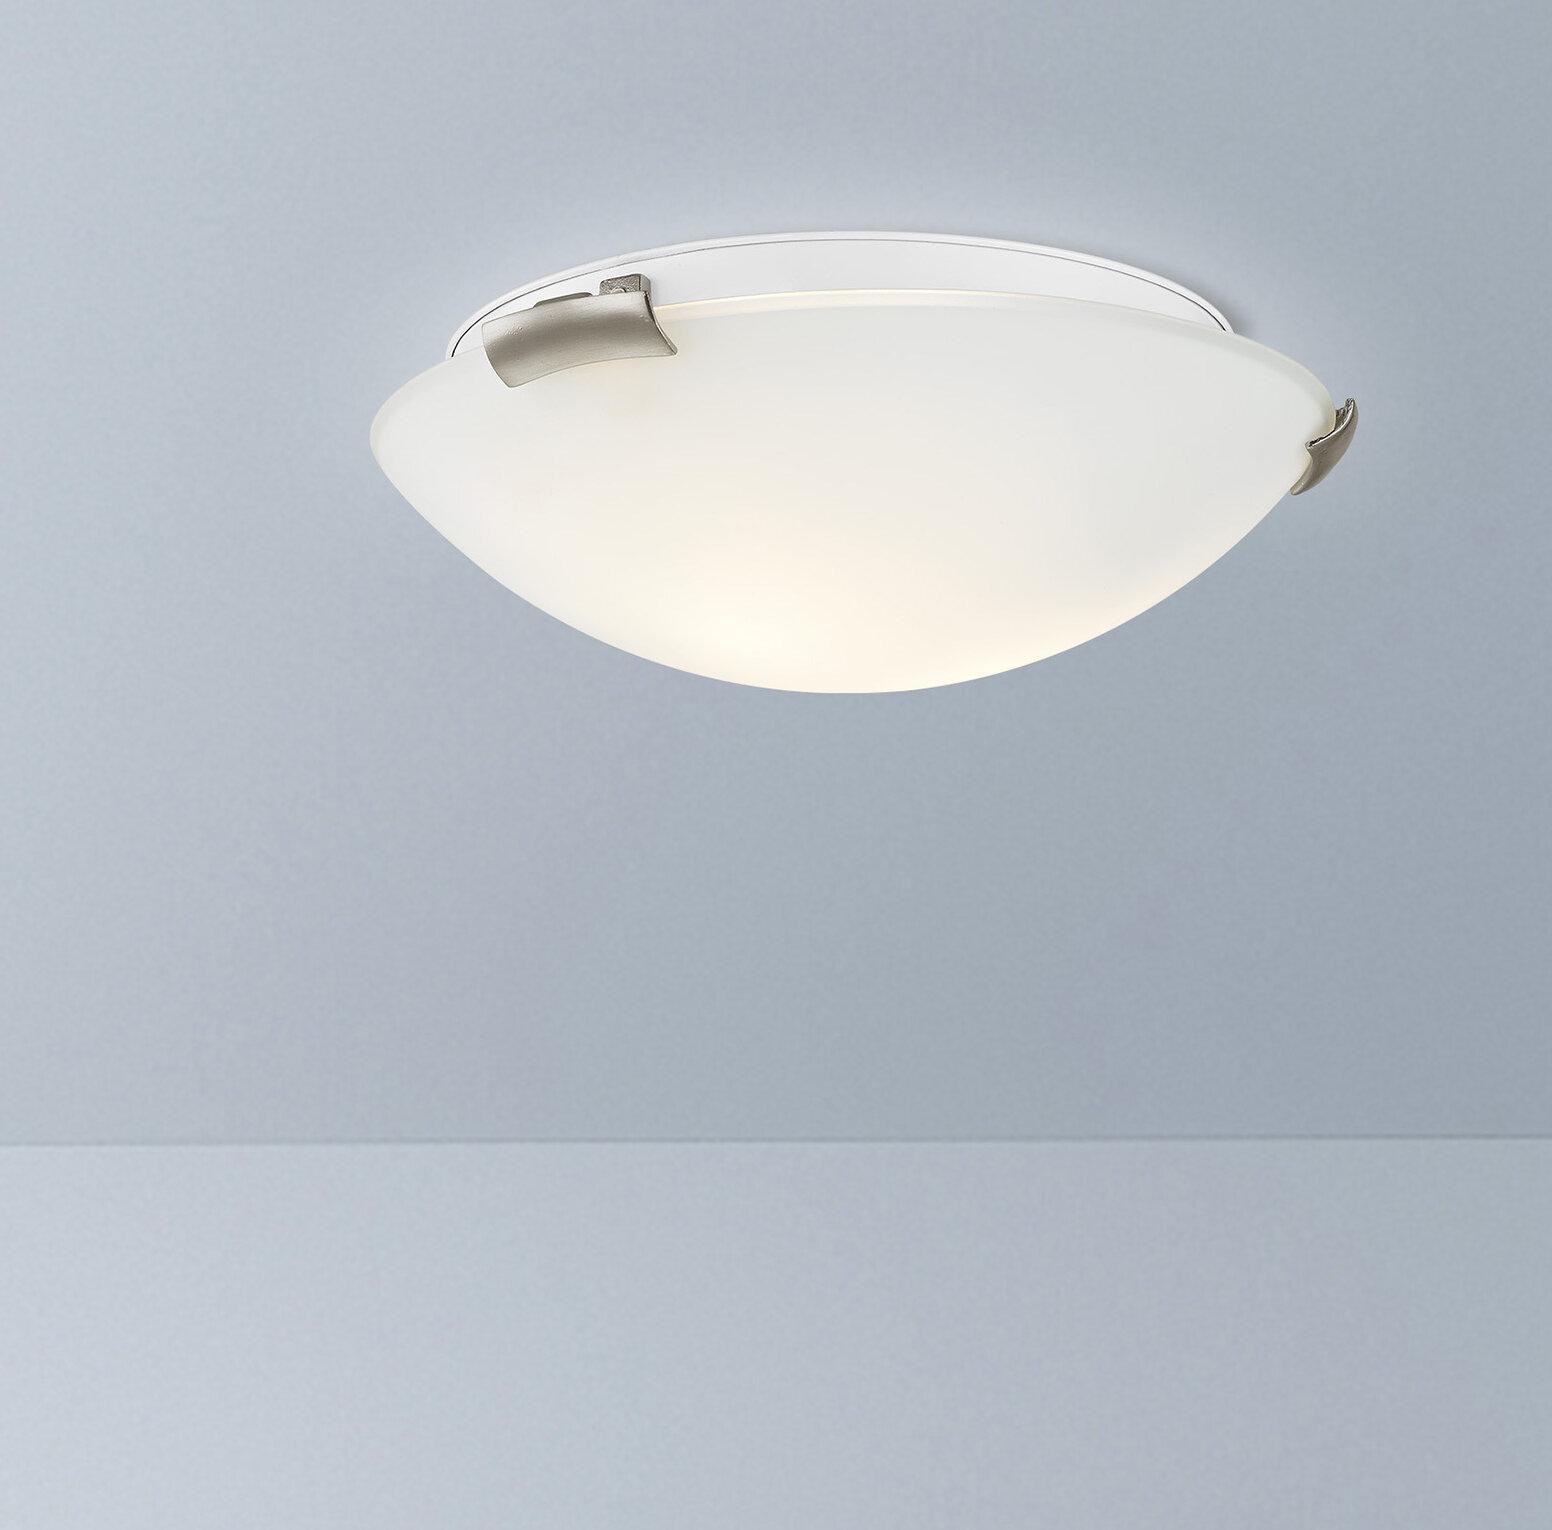 Ebern Designs Davis Flush Mount | Wayfair